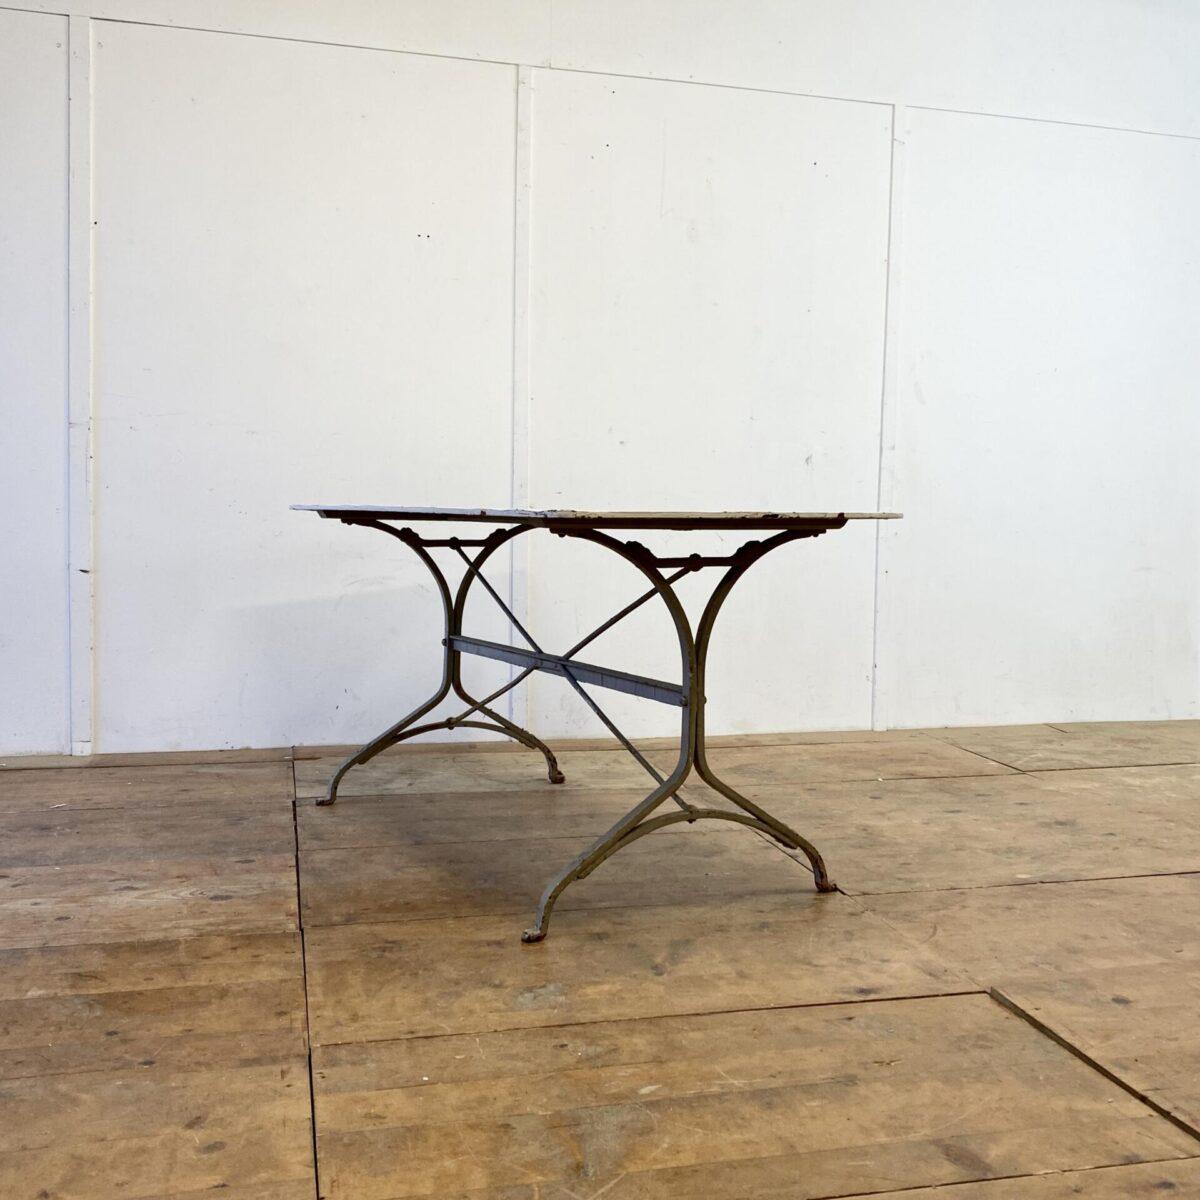 Deuxieme.shop Beizentisch Biergartentisch. Antiker Jugendstil Gartentisch. 140x75cm Höhe 73cm. Der Tisch ist in gesundem Zustand keine Durchrostung. Relativ da schwer da das Tischblatt etwas dicker ist als bei vergleichbaren Tischen aus der Zeit.